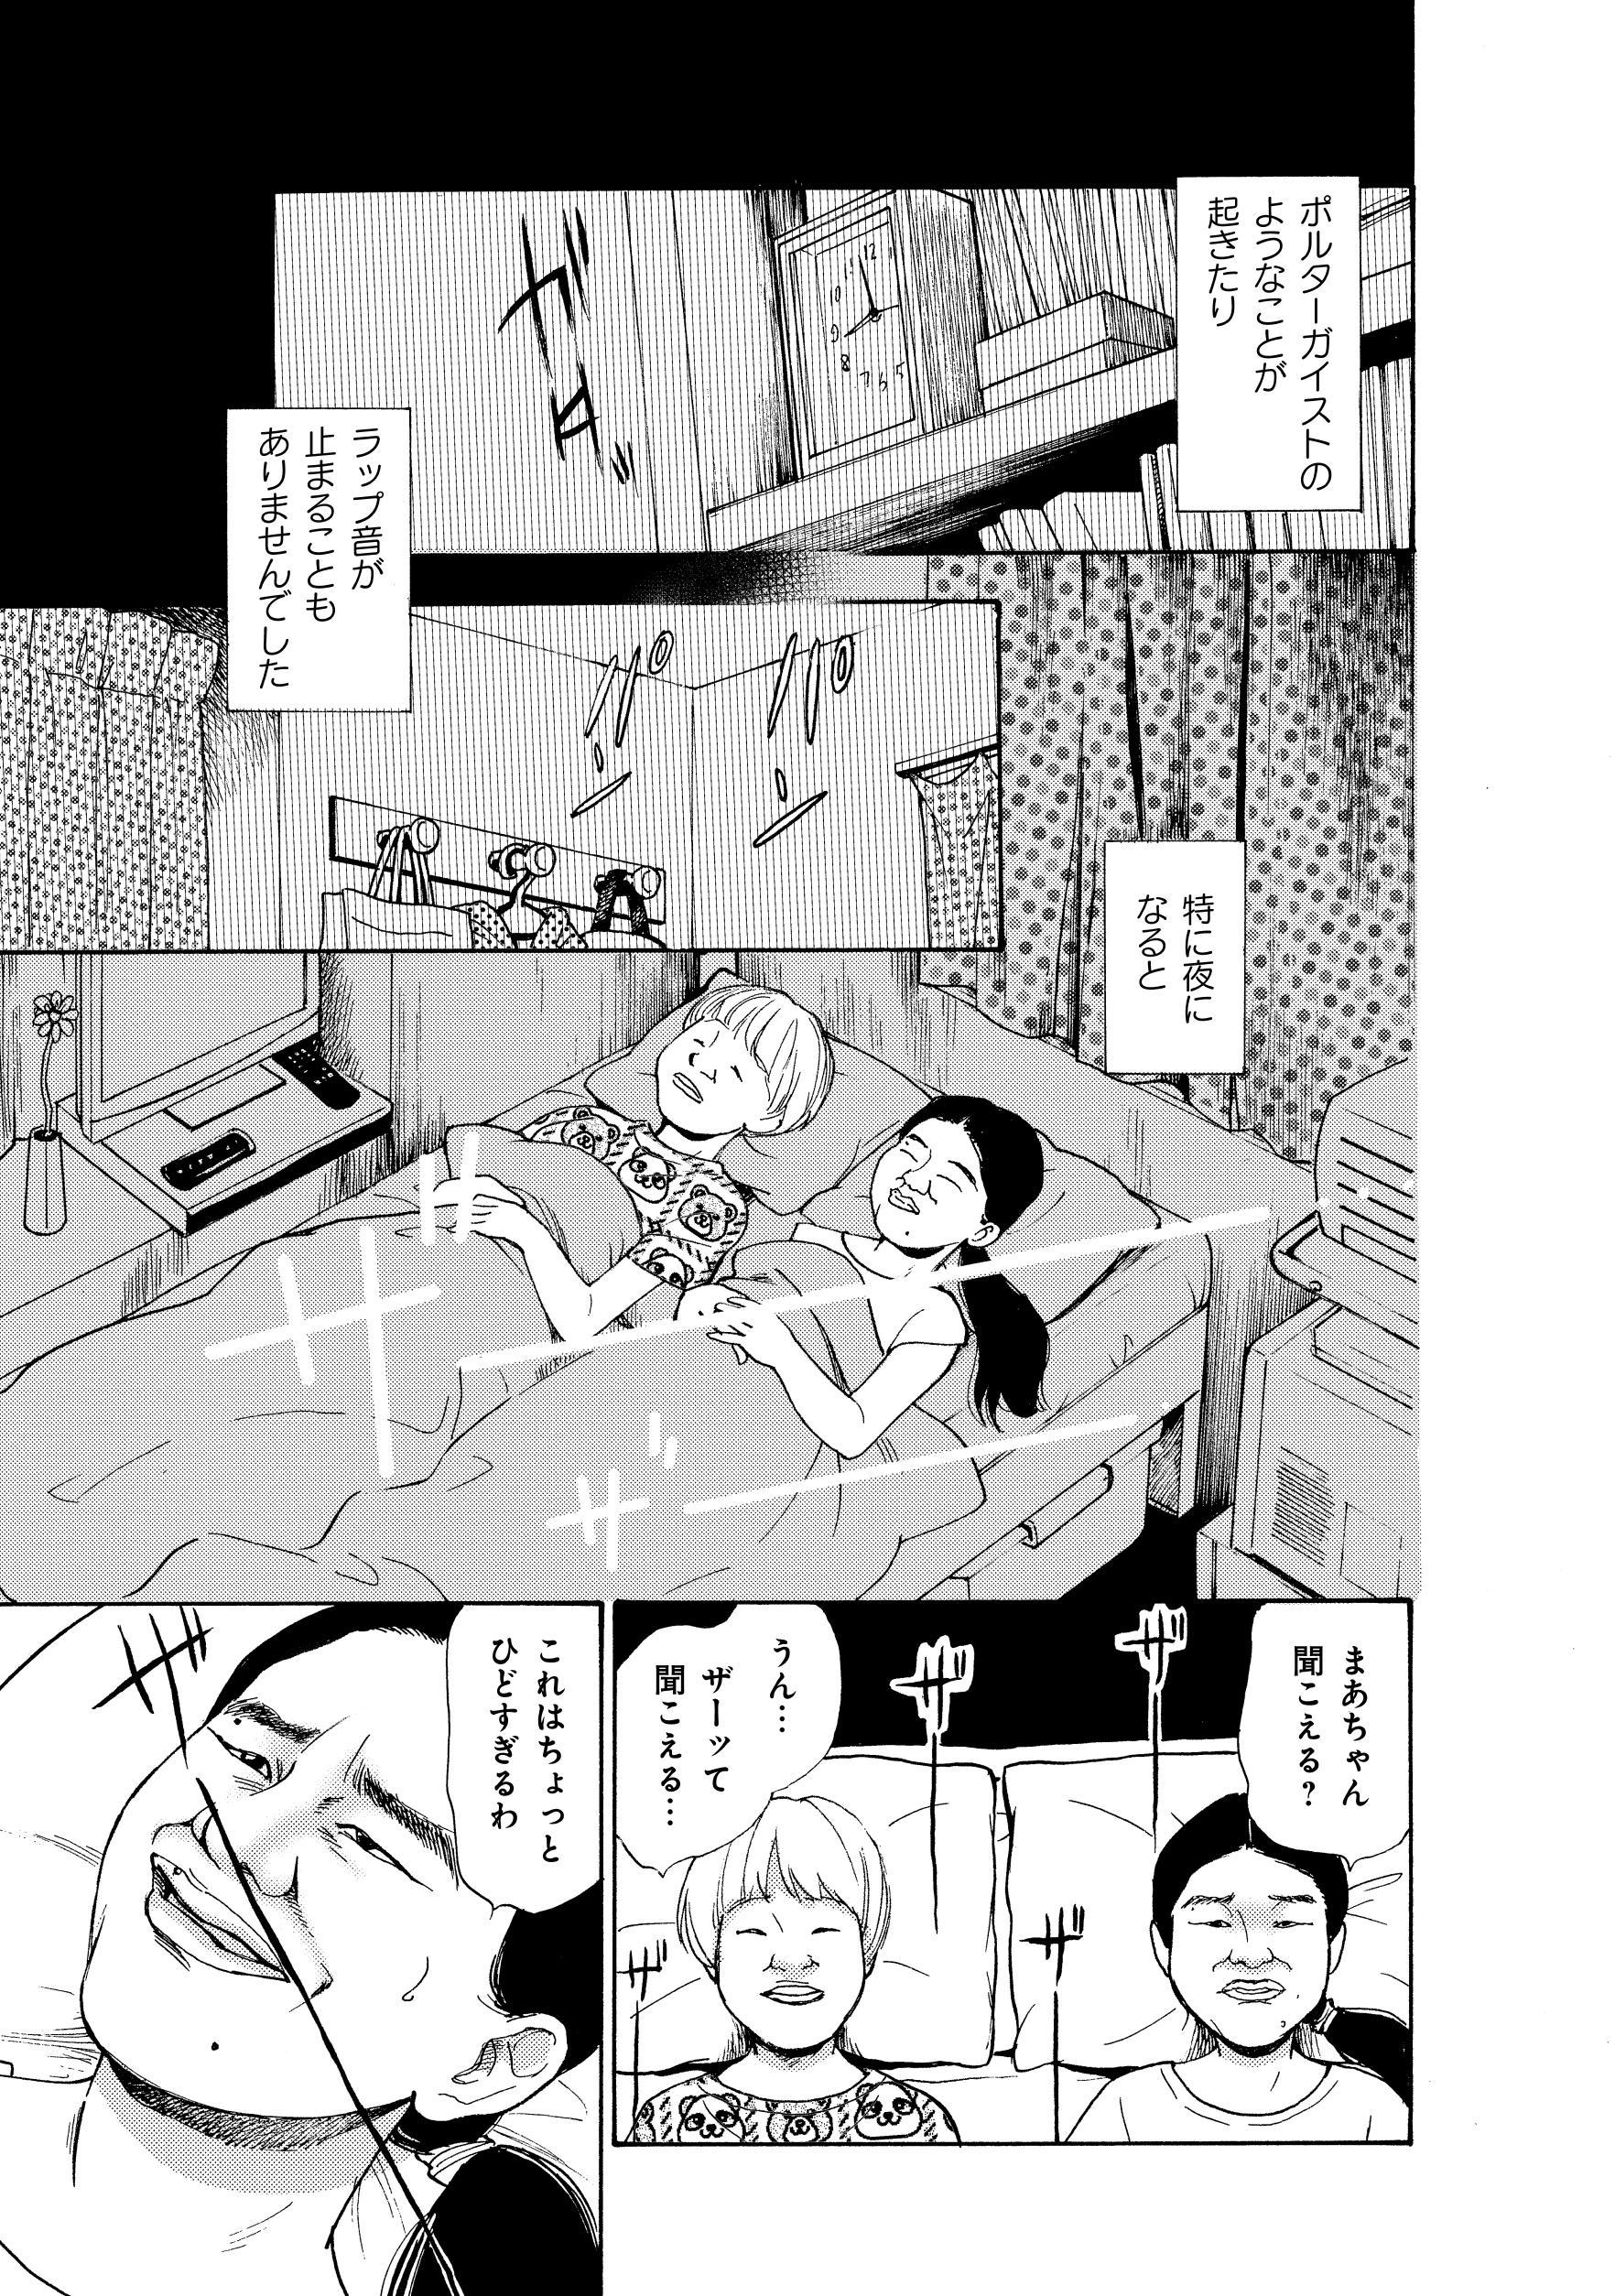 原作特集_179.jpg